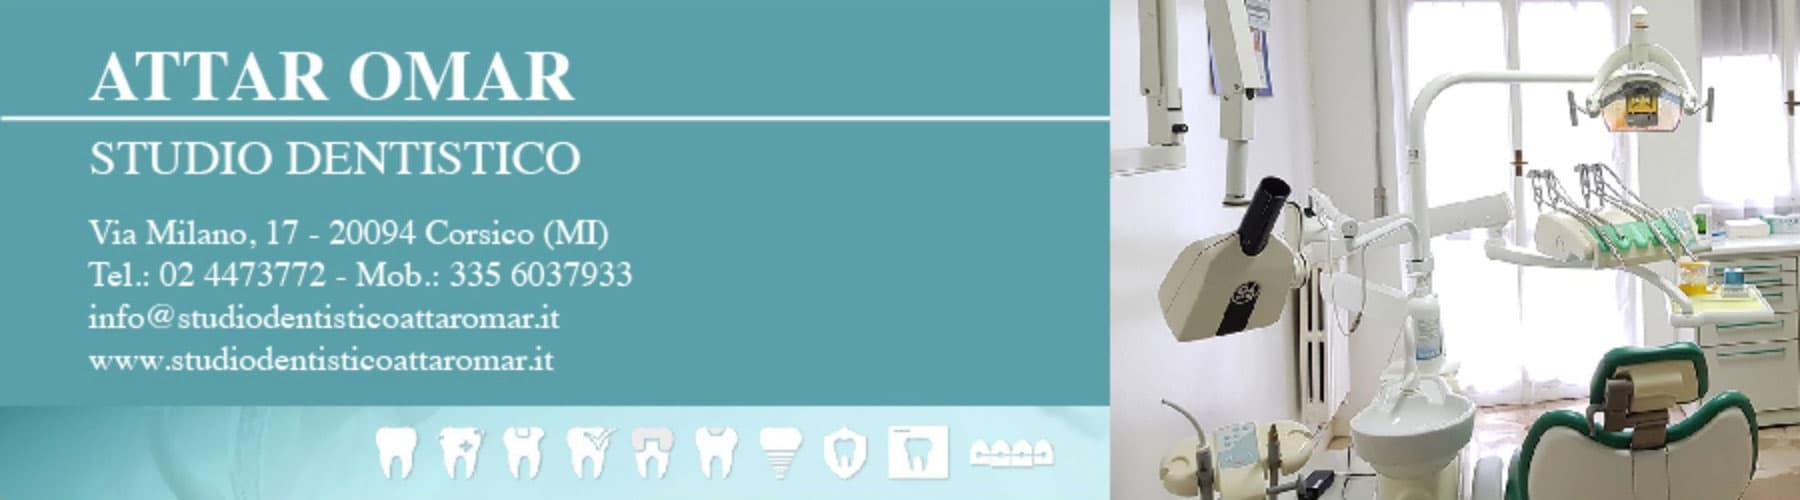 Dentista-Attar-Omag ads